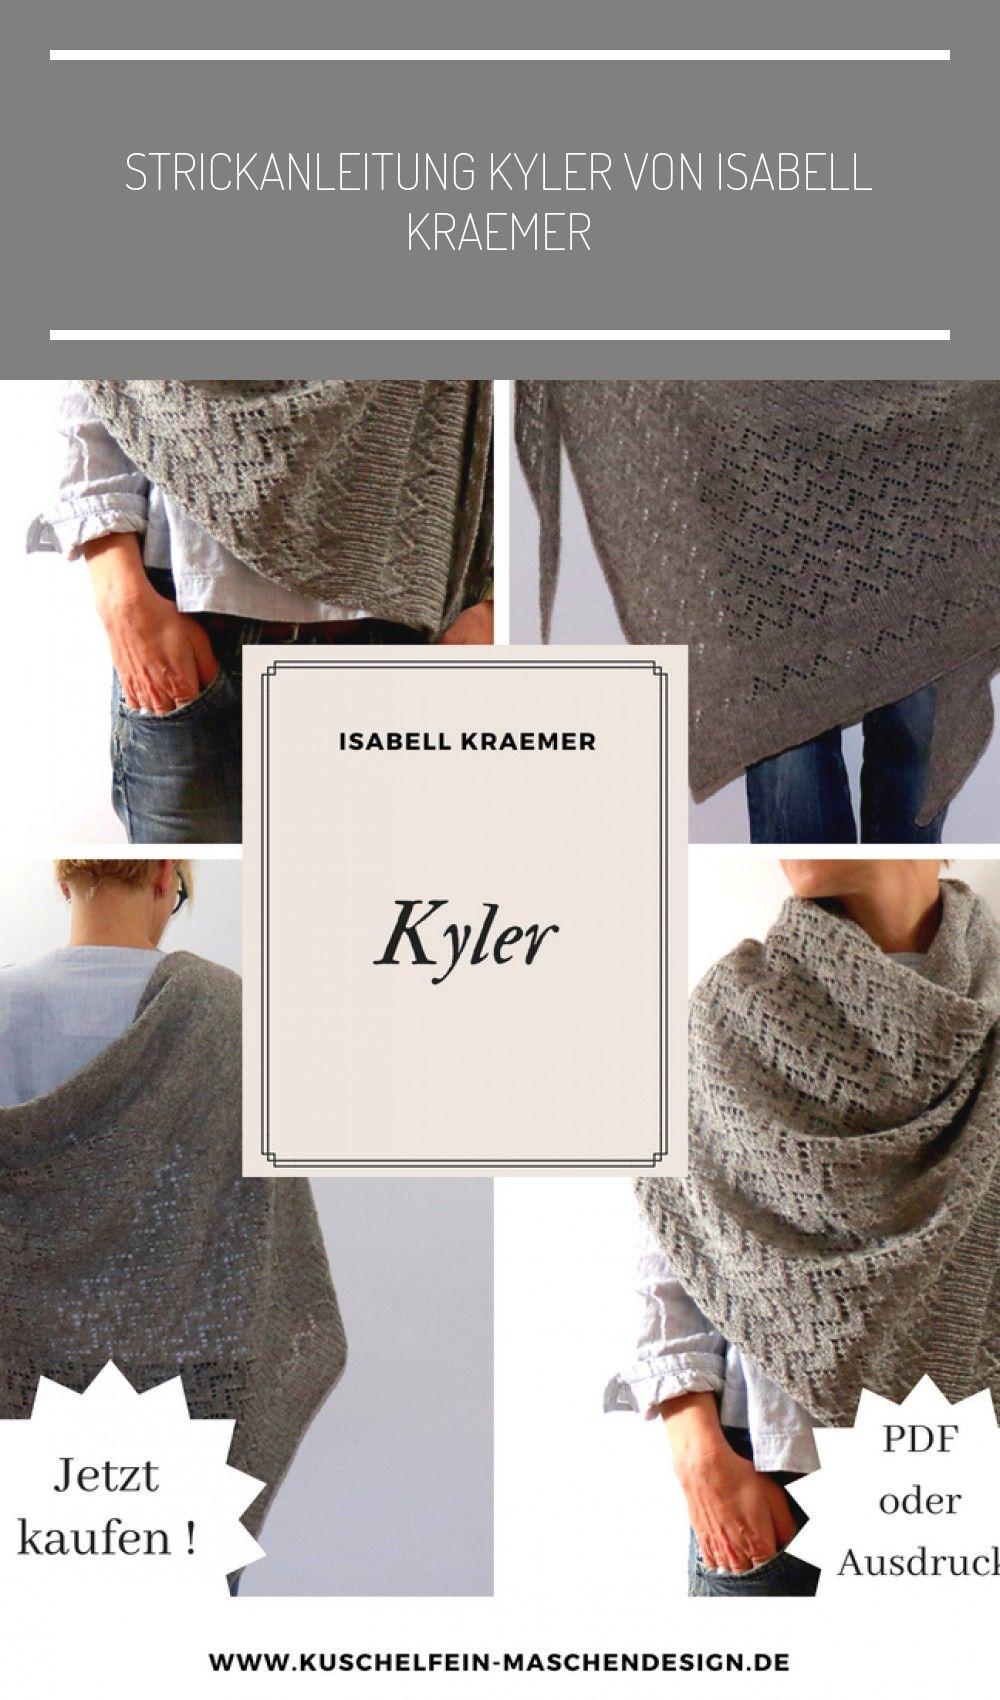 Strickanleitung Kyler von Isabell Kraemer  Kyler wird vom schmalen Punkt der linken Kante aus gearbeitet Maschen werden in jeder rechten Seitenreihe im Lochmuster zugenom...